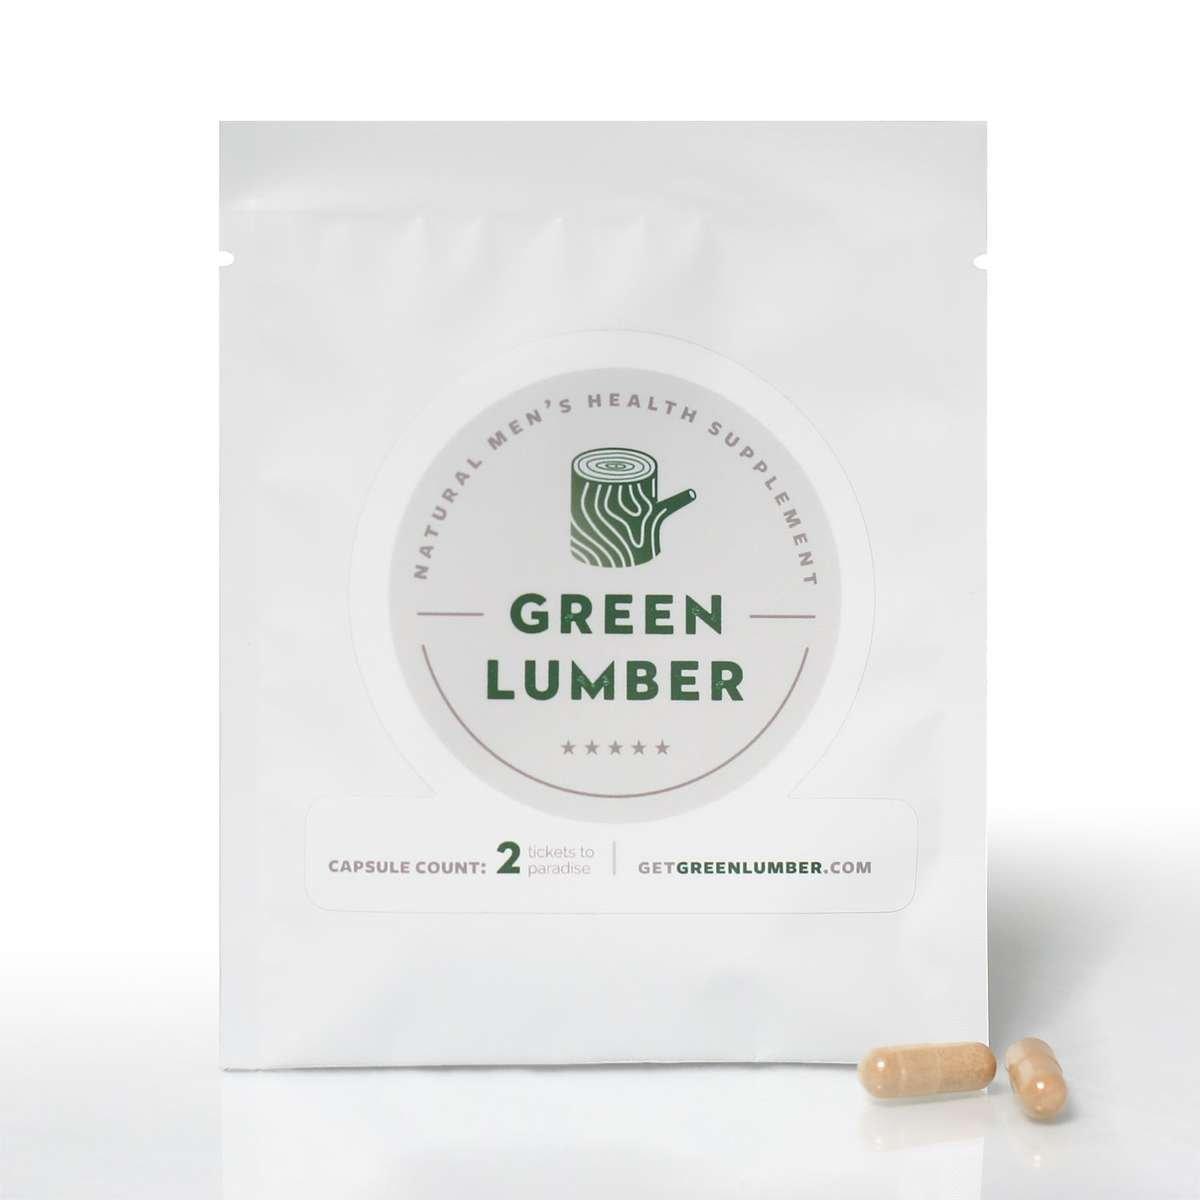 green lumber weekender front packaging